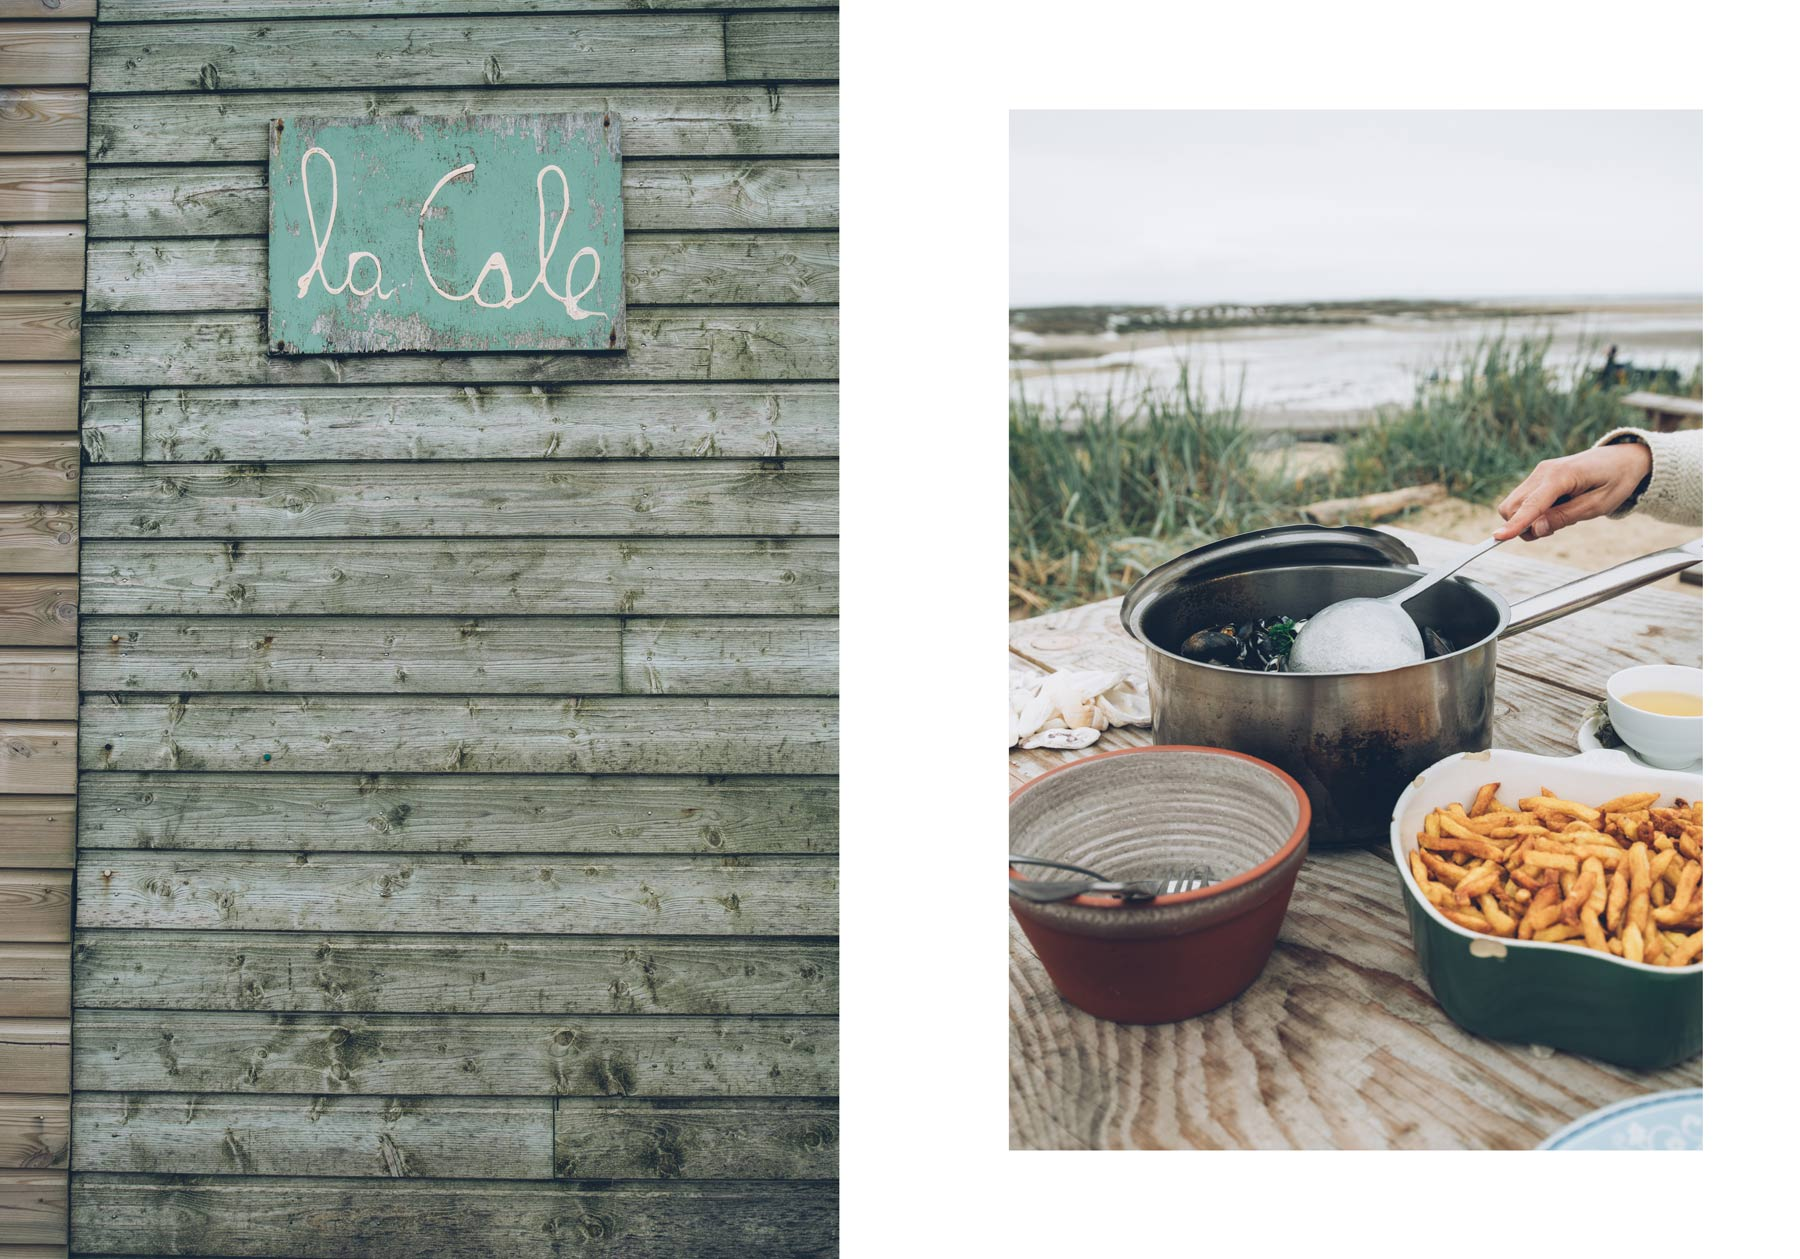 La Cale, Blainville sur Mer